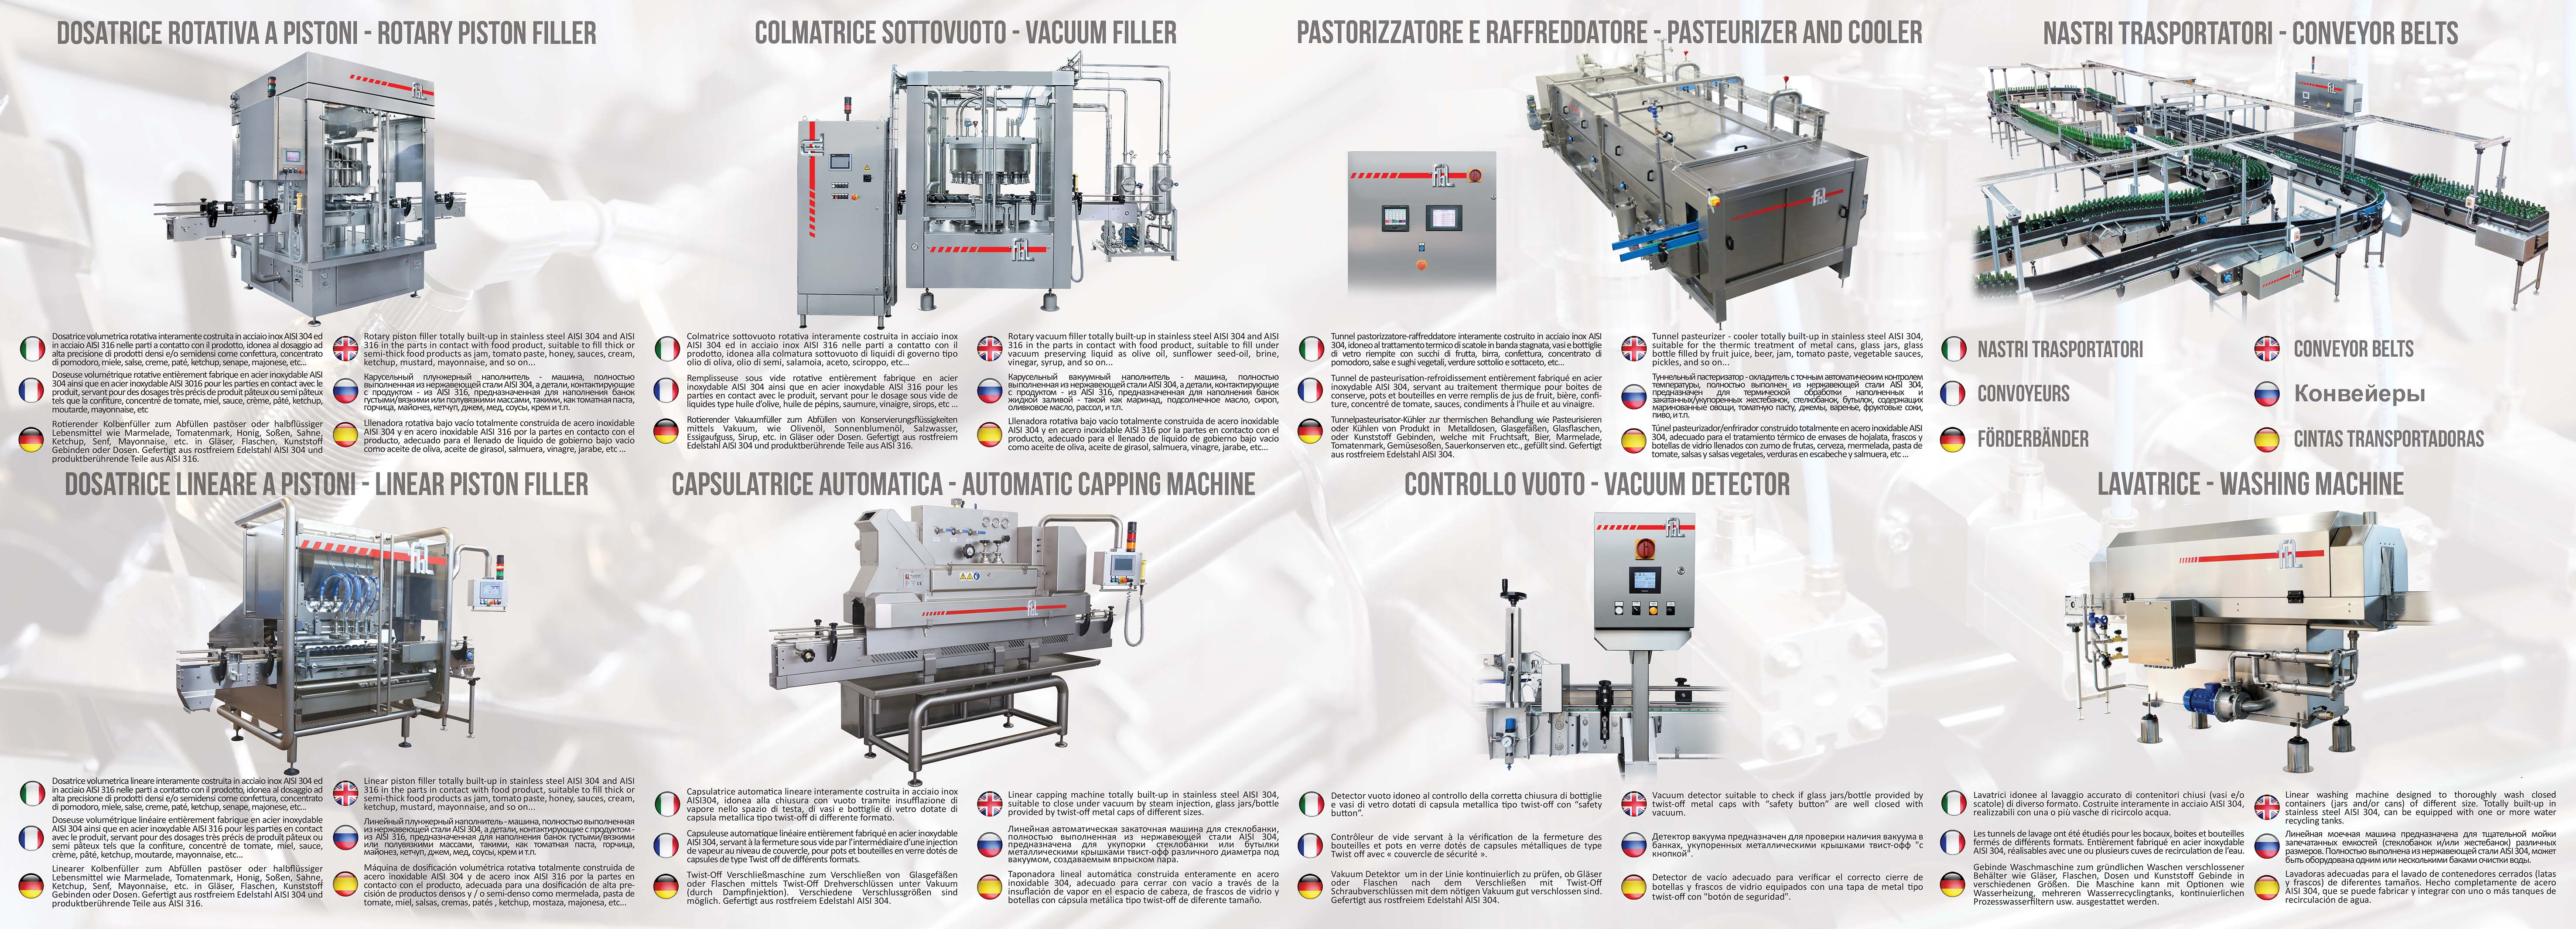 Fbl Costruiamo Depalettizzatori Discensori General Vacuum Diagram Look And Download Our New Catalogue